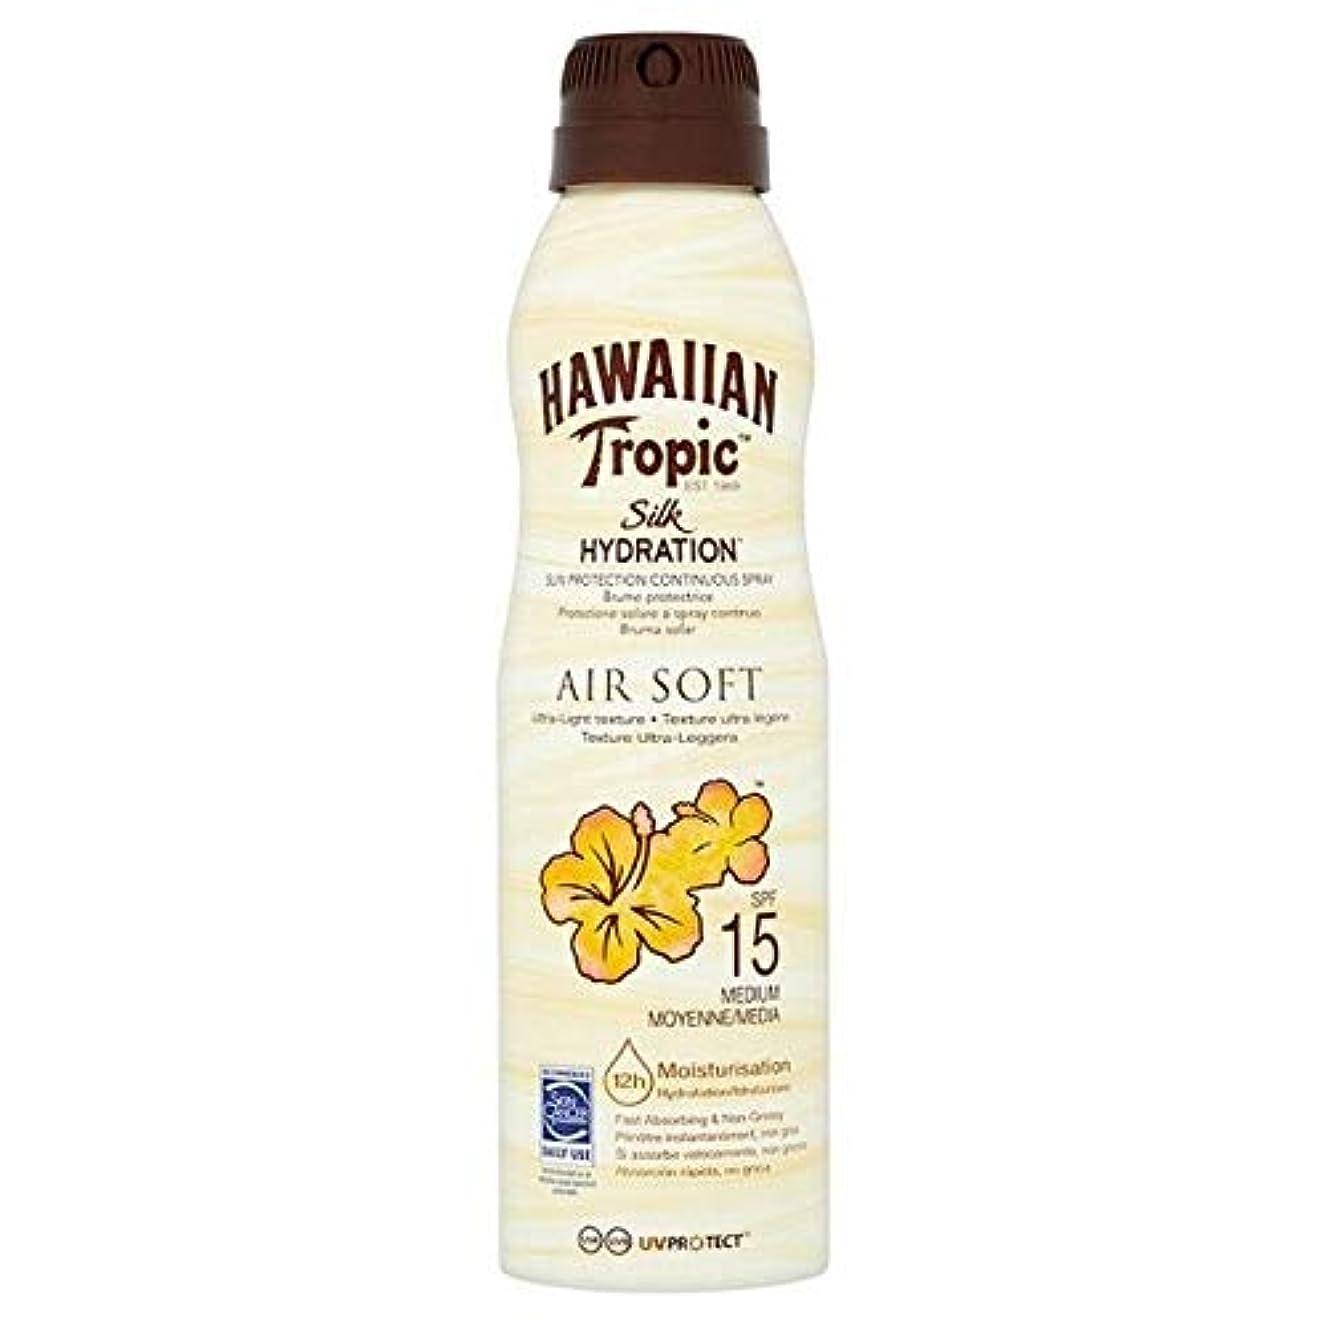 飲食店驚き気分が良い[Hawaiian Tropic ] H /向性絹水和エアガン連続スプレーSpf15の177ミリリットル - H/Tropic Silk Hydration Airsoft Continuous Spray SPF15...